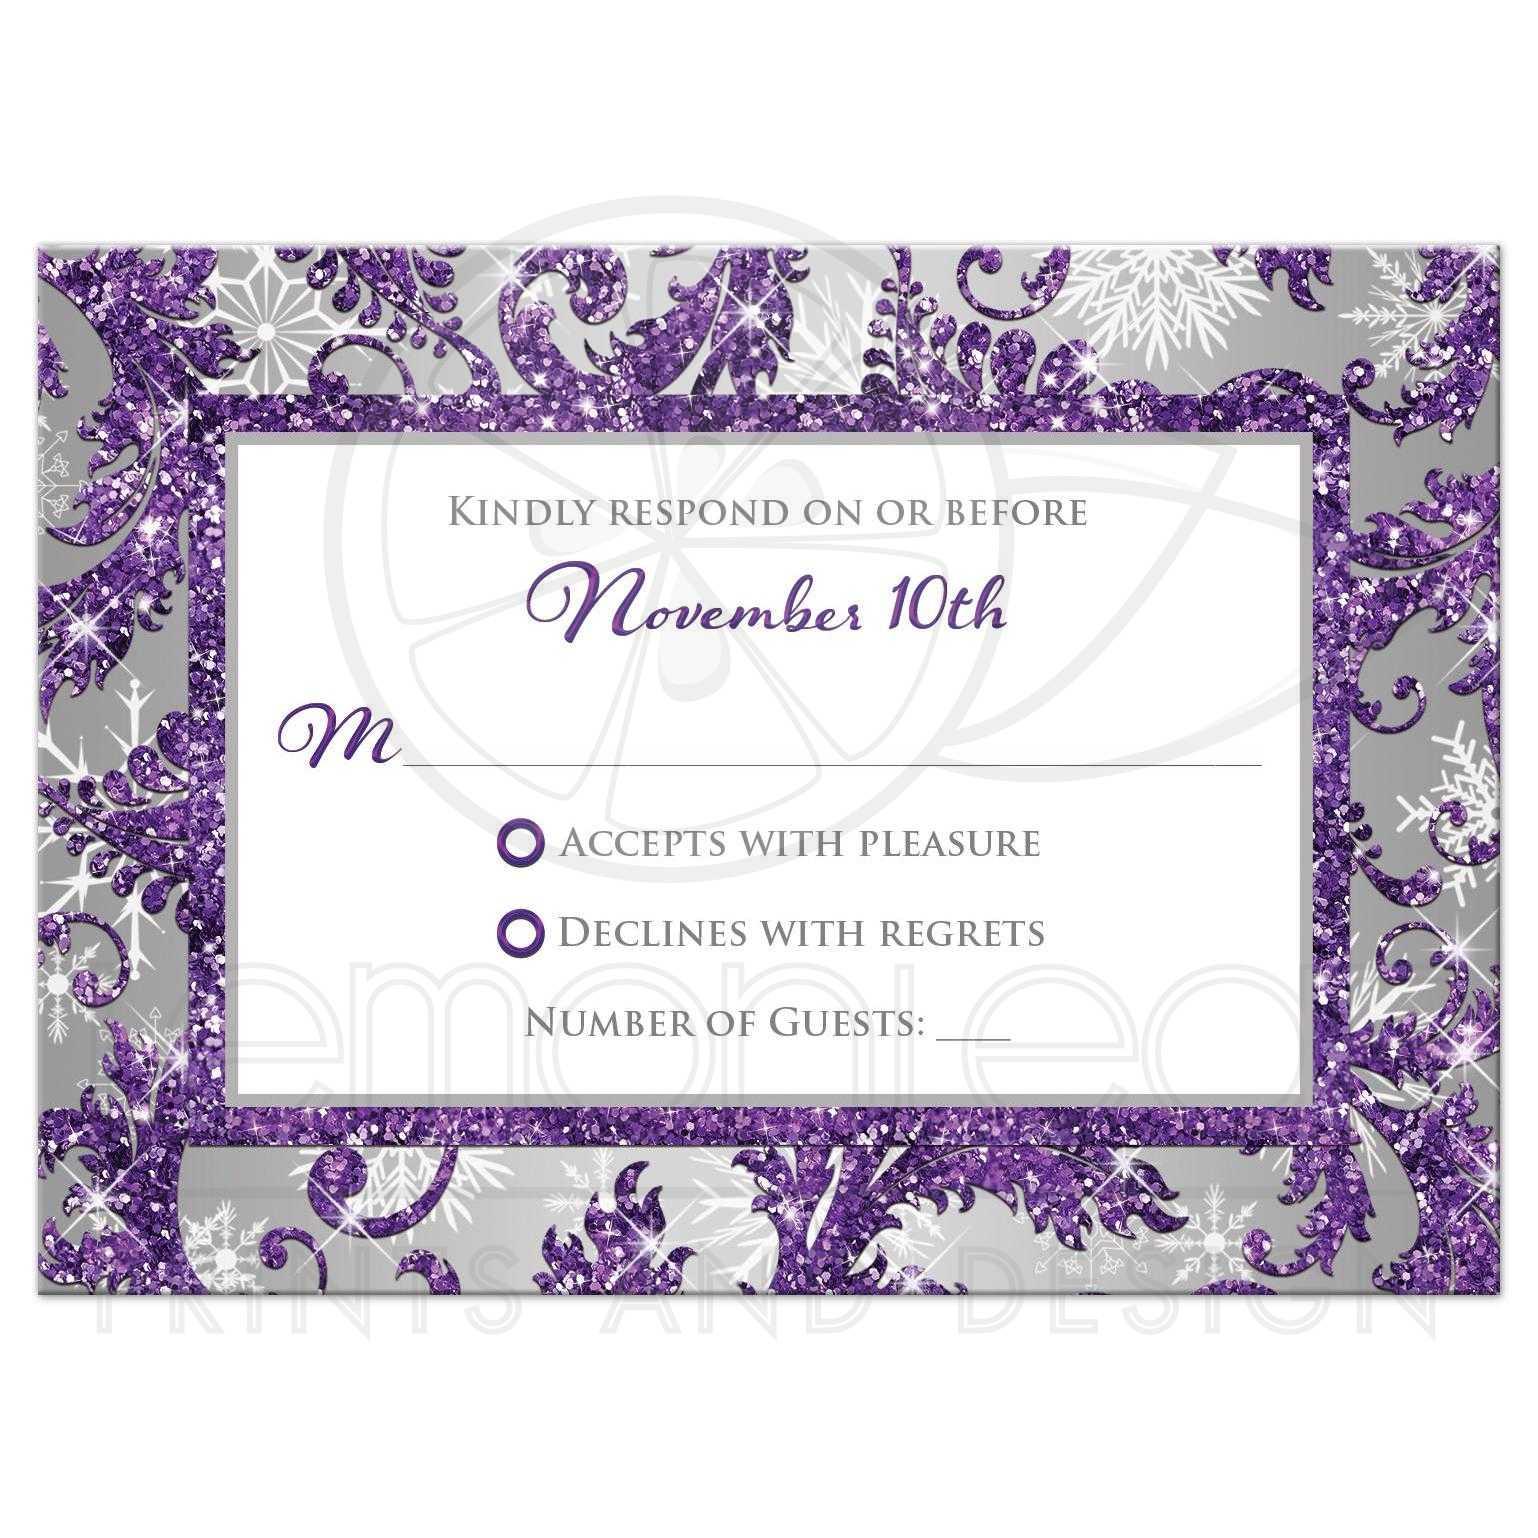 Winter Wonderland Wedding RSVP Card 2   Purple, Silver, White ...